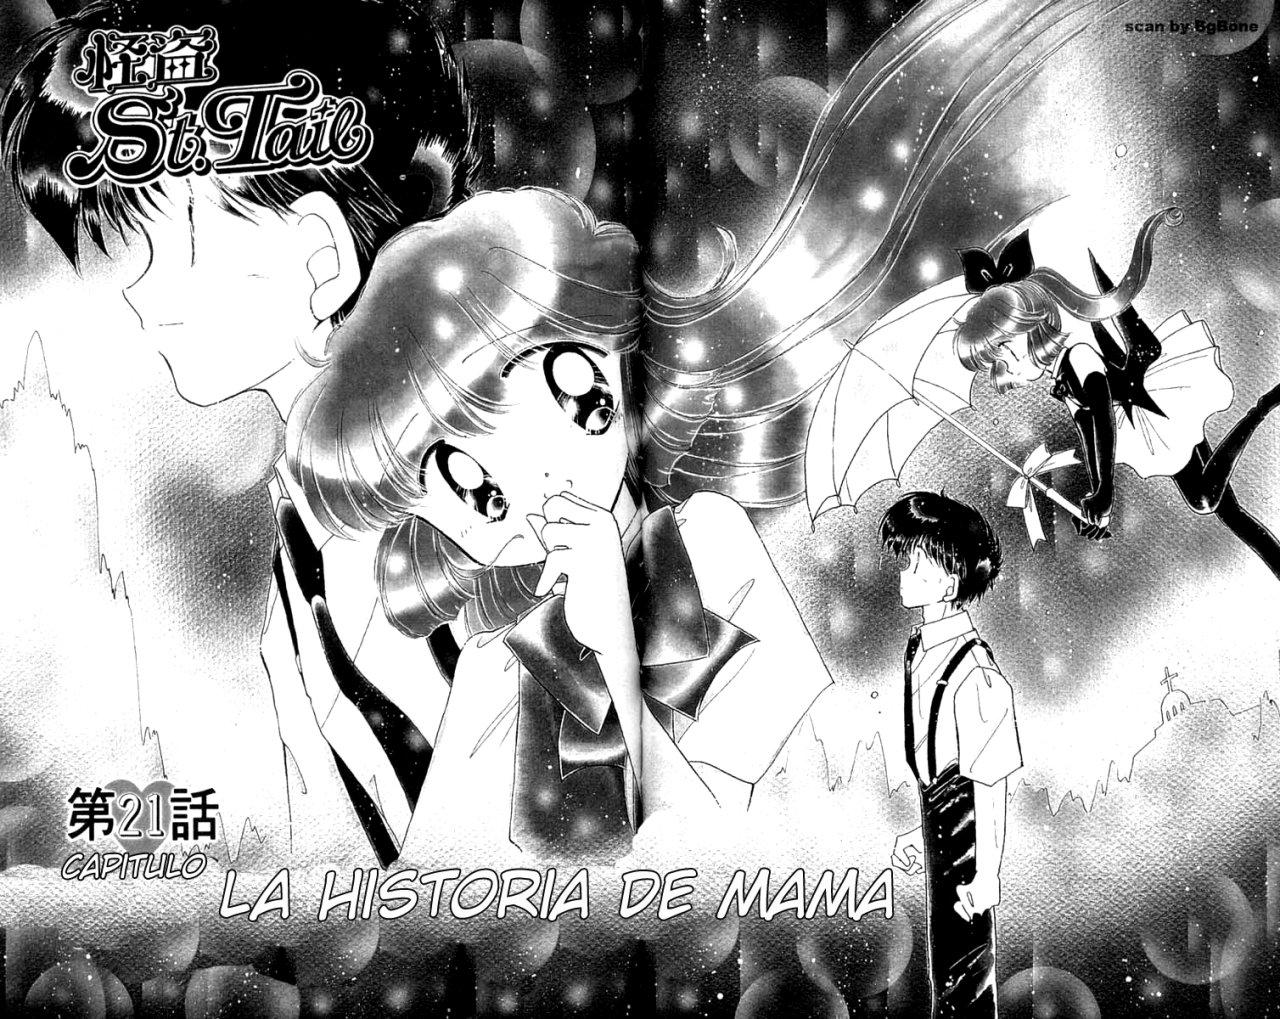 https://c9.mangatag.com/es_manga/pic5/22/2454/743696/960d4d76b5ff783580e983ae6a57c2ea.jpg Page 1